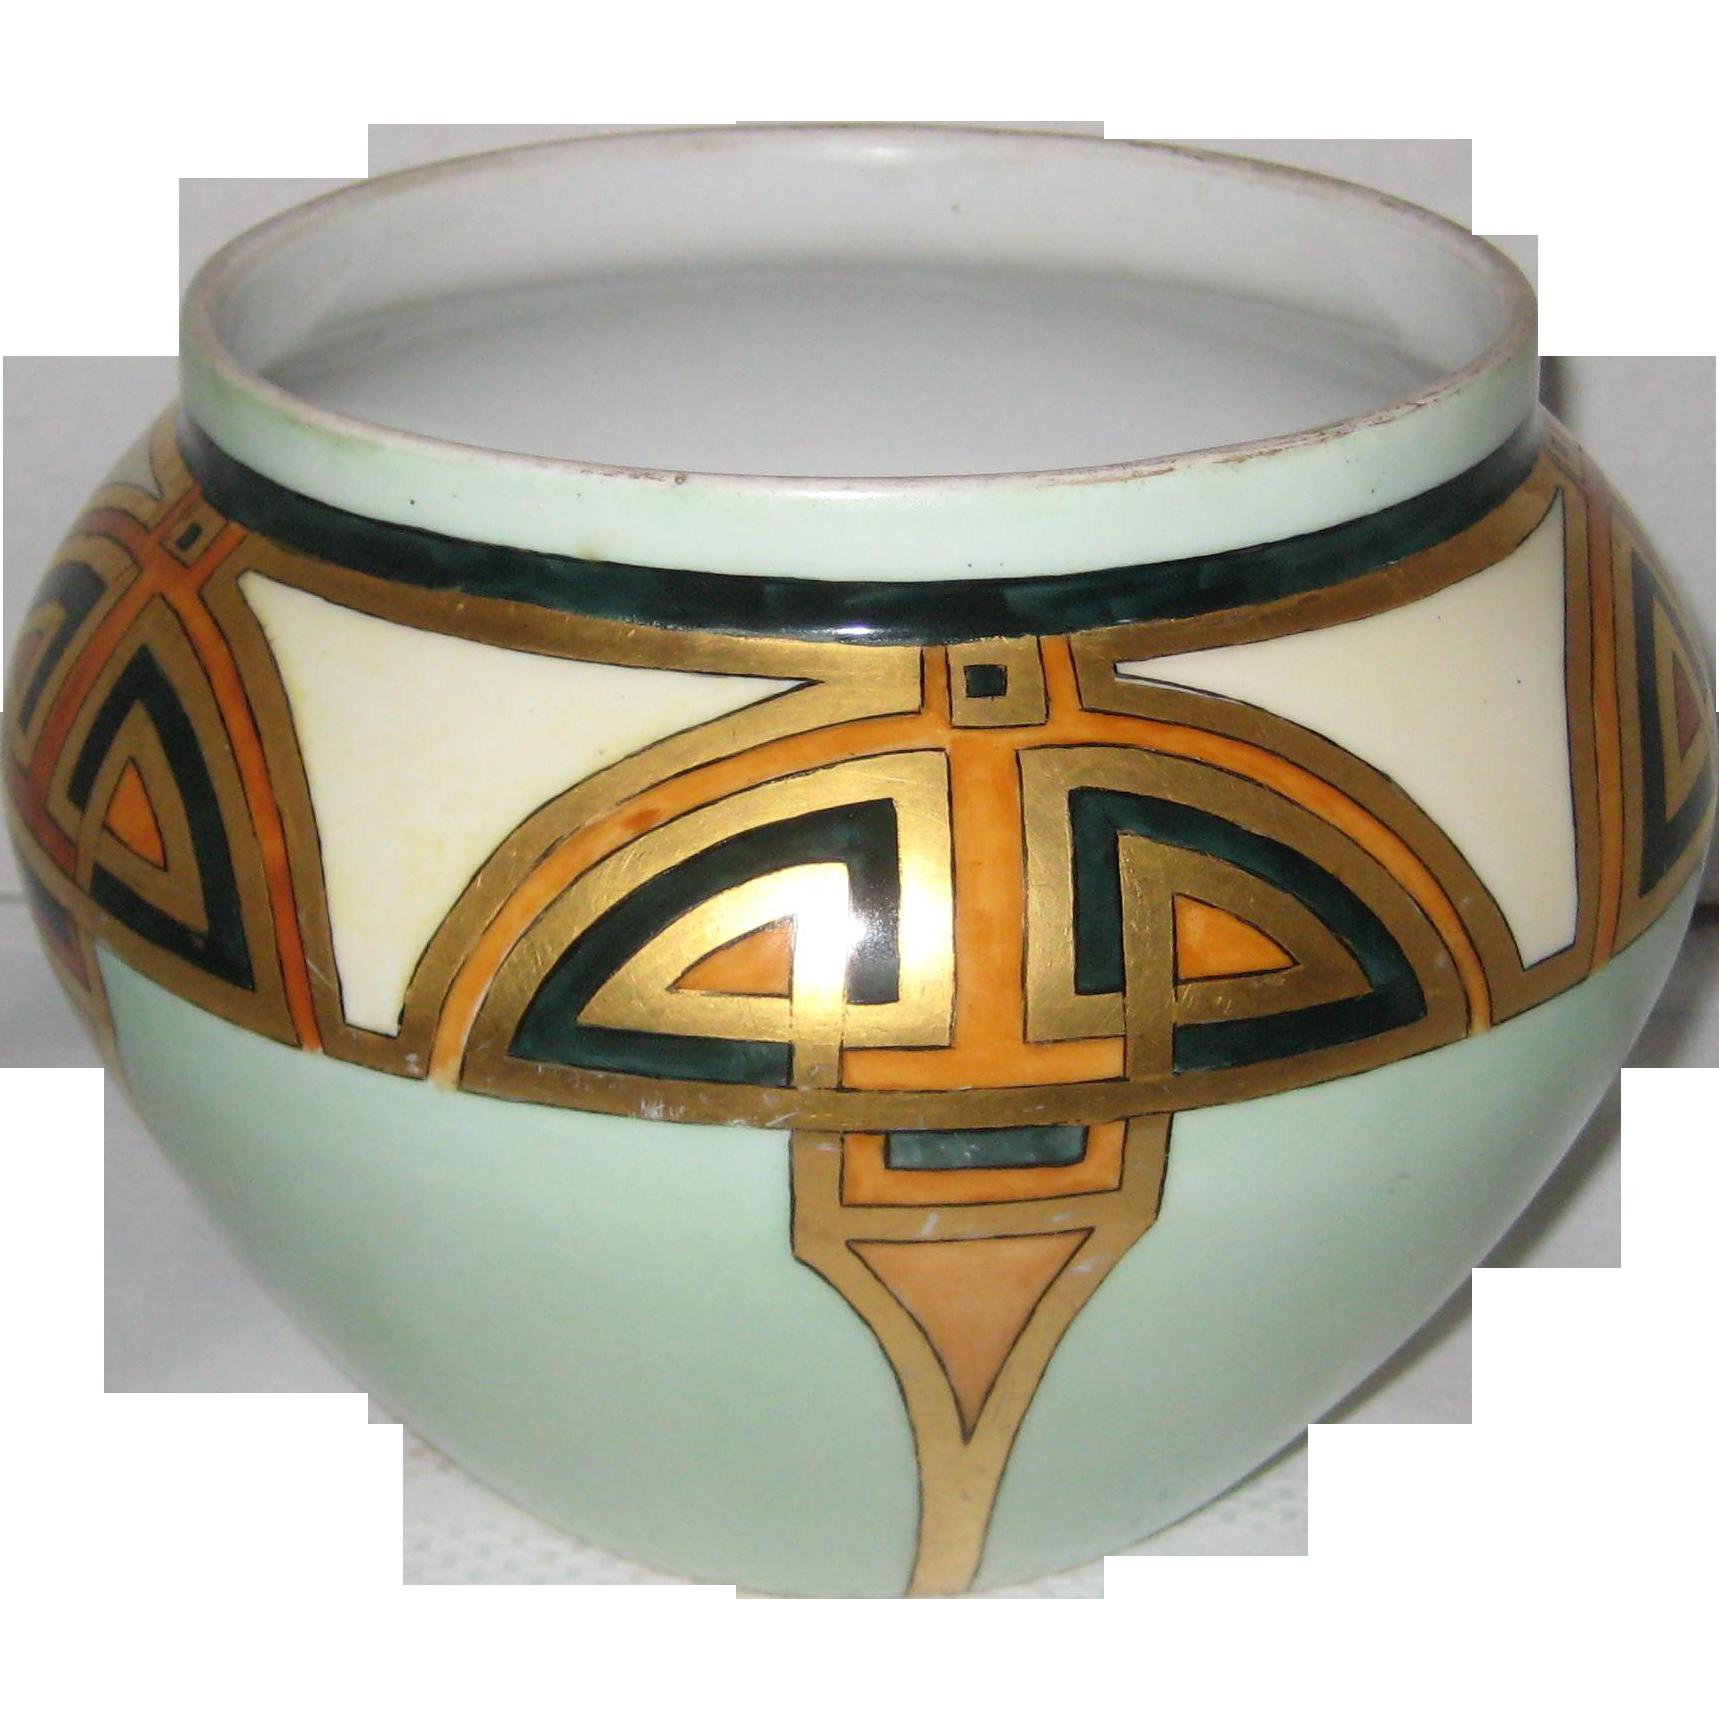 D & Co France Delinieres Porcelain Art Deco Jardiniere or Planter Vase